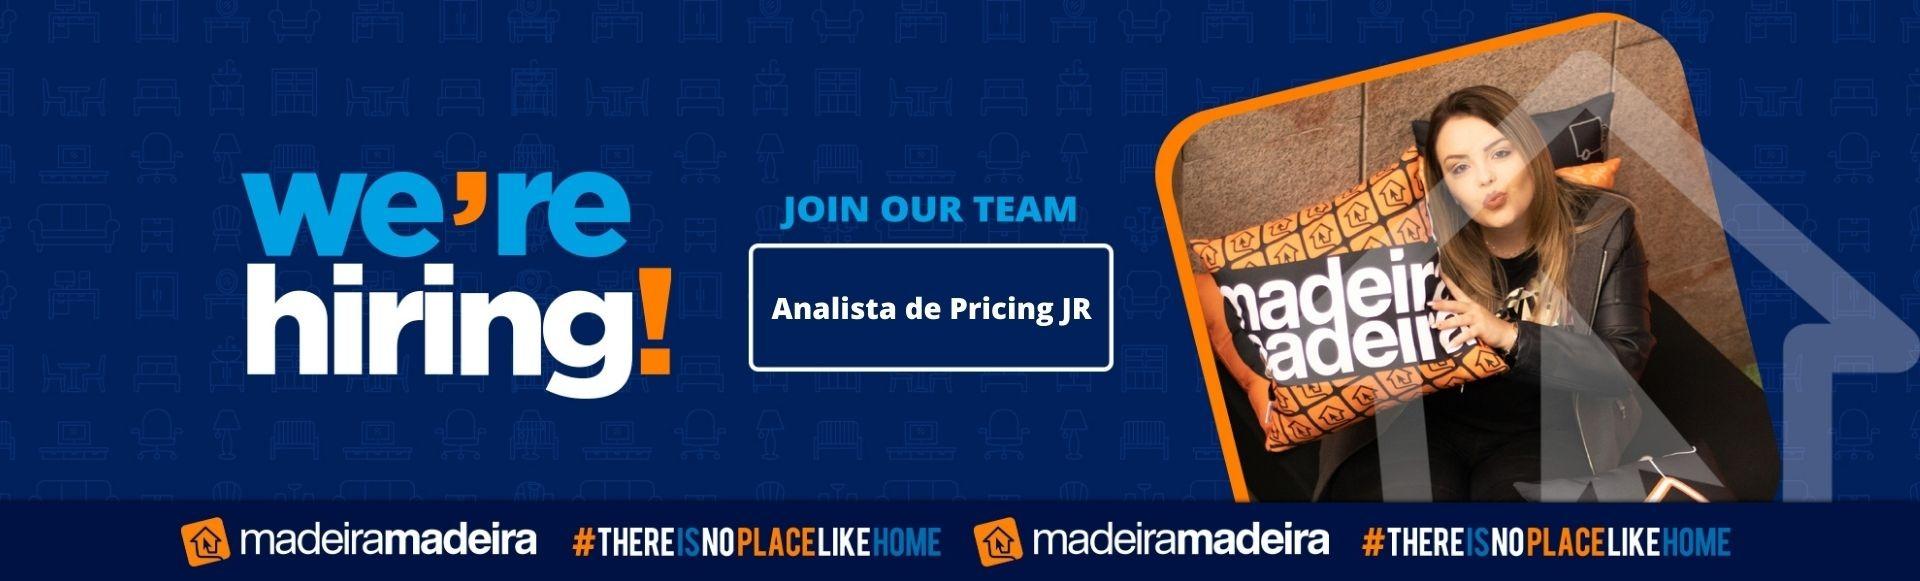 Analista de Pricing JR